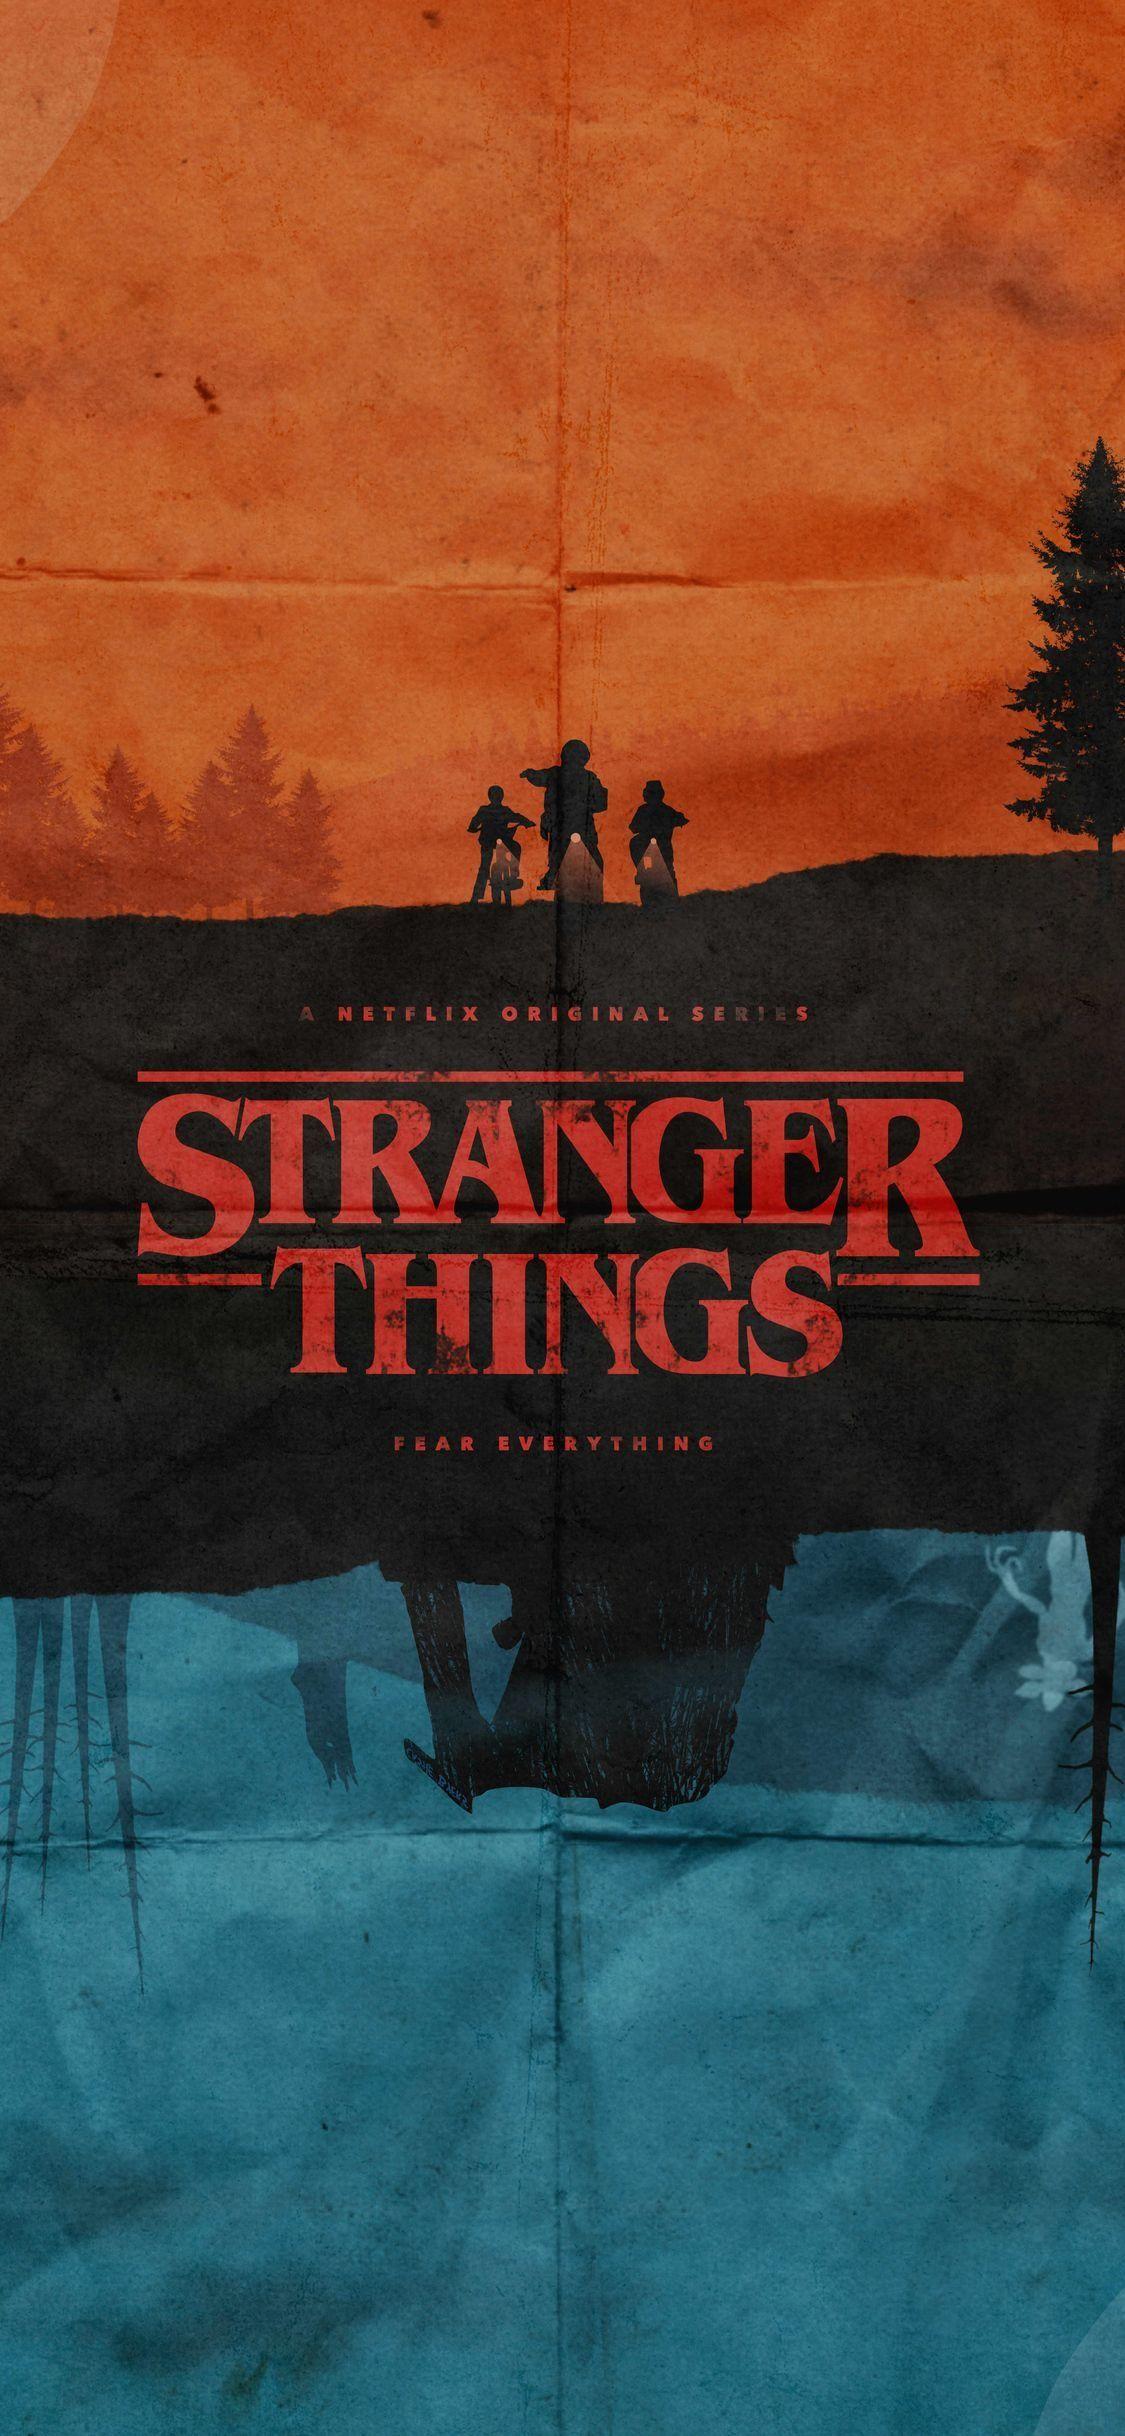 Stranger Things Top Free Stranger Things Wallpaper Stranger Things Trend Stranger Things Poster Stranger Things Wallpaper Iphone Wallpaper Stranger Things